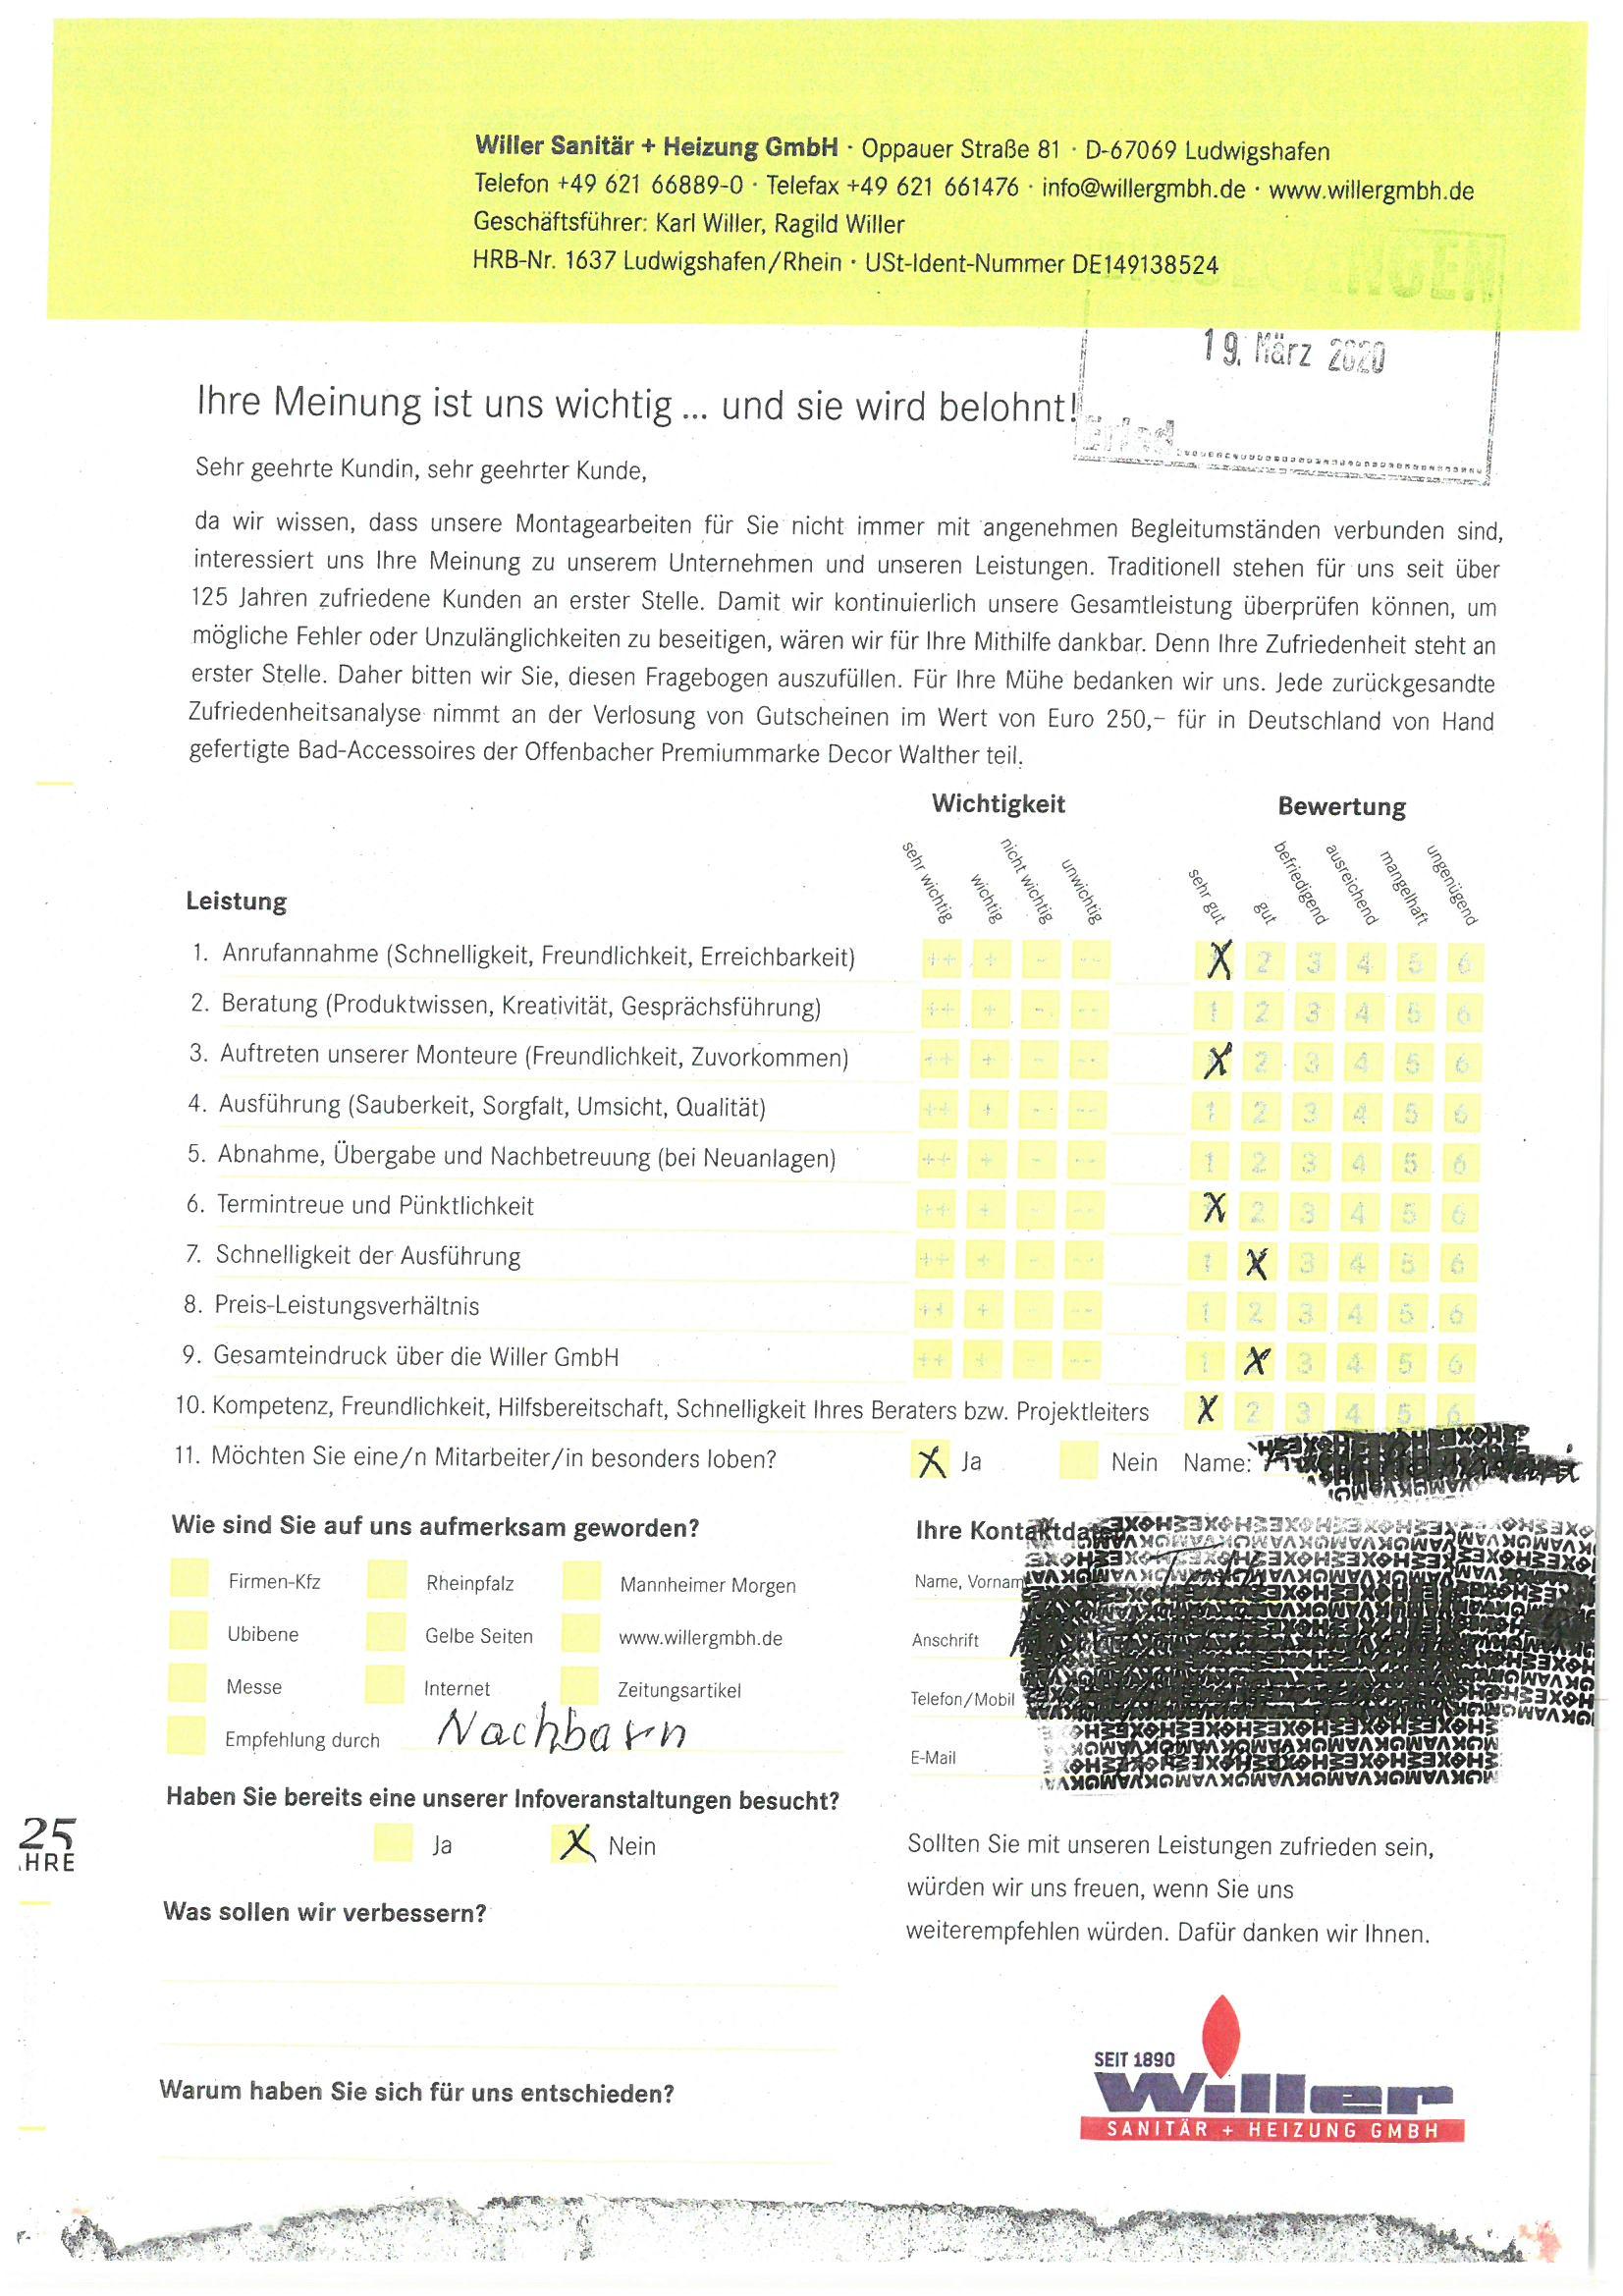 Bewertungen_Willer_Ludwigshafen_2020_ (122)